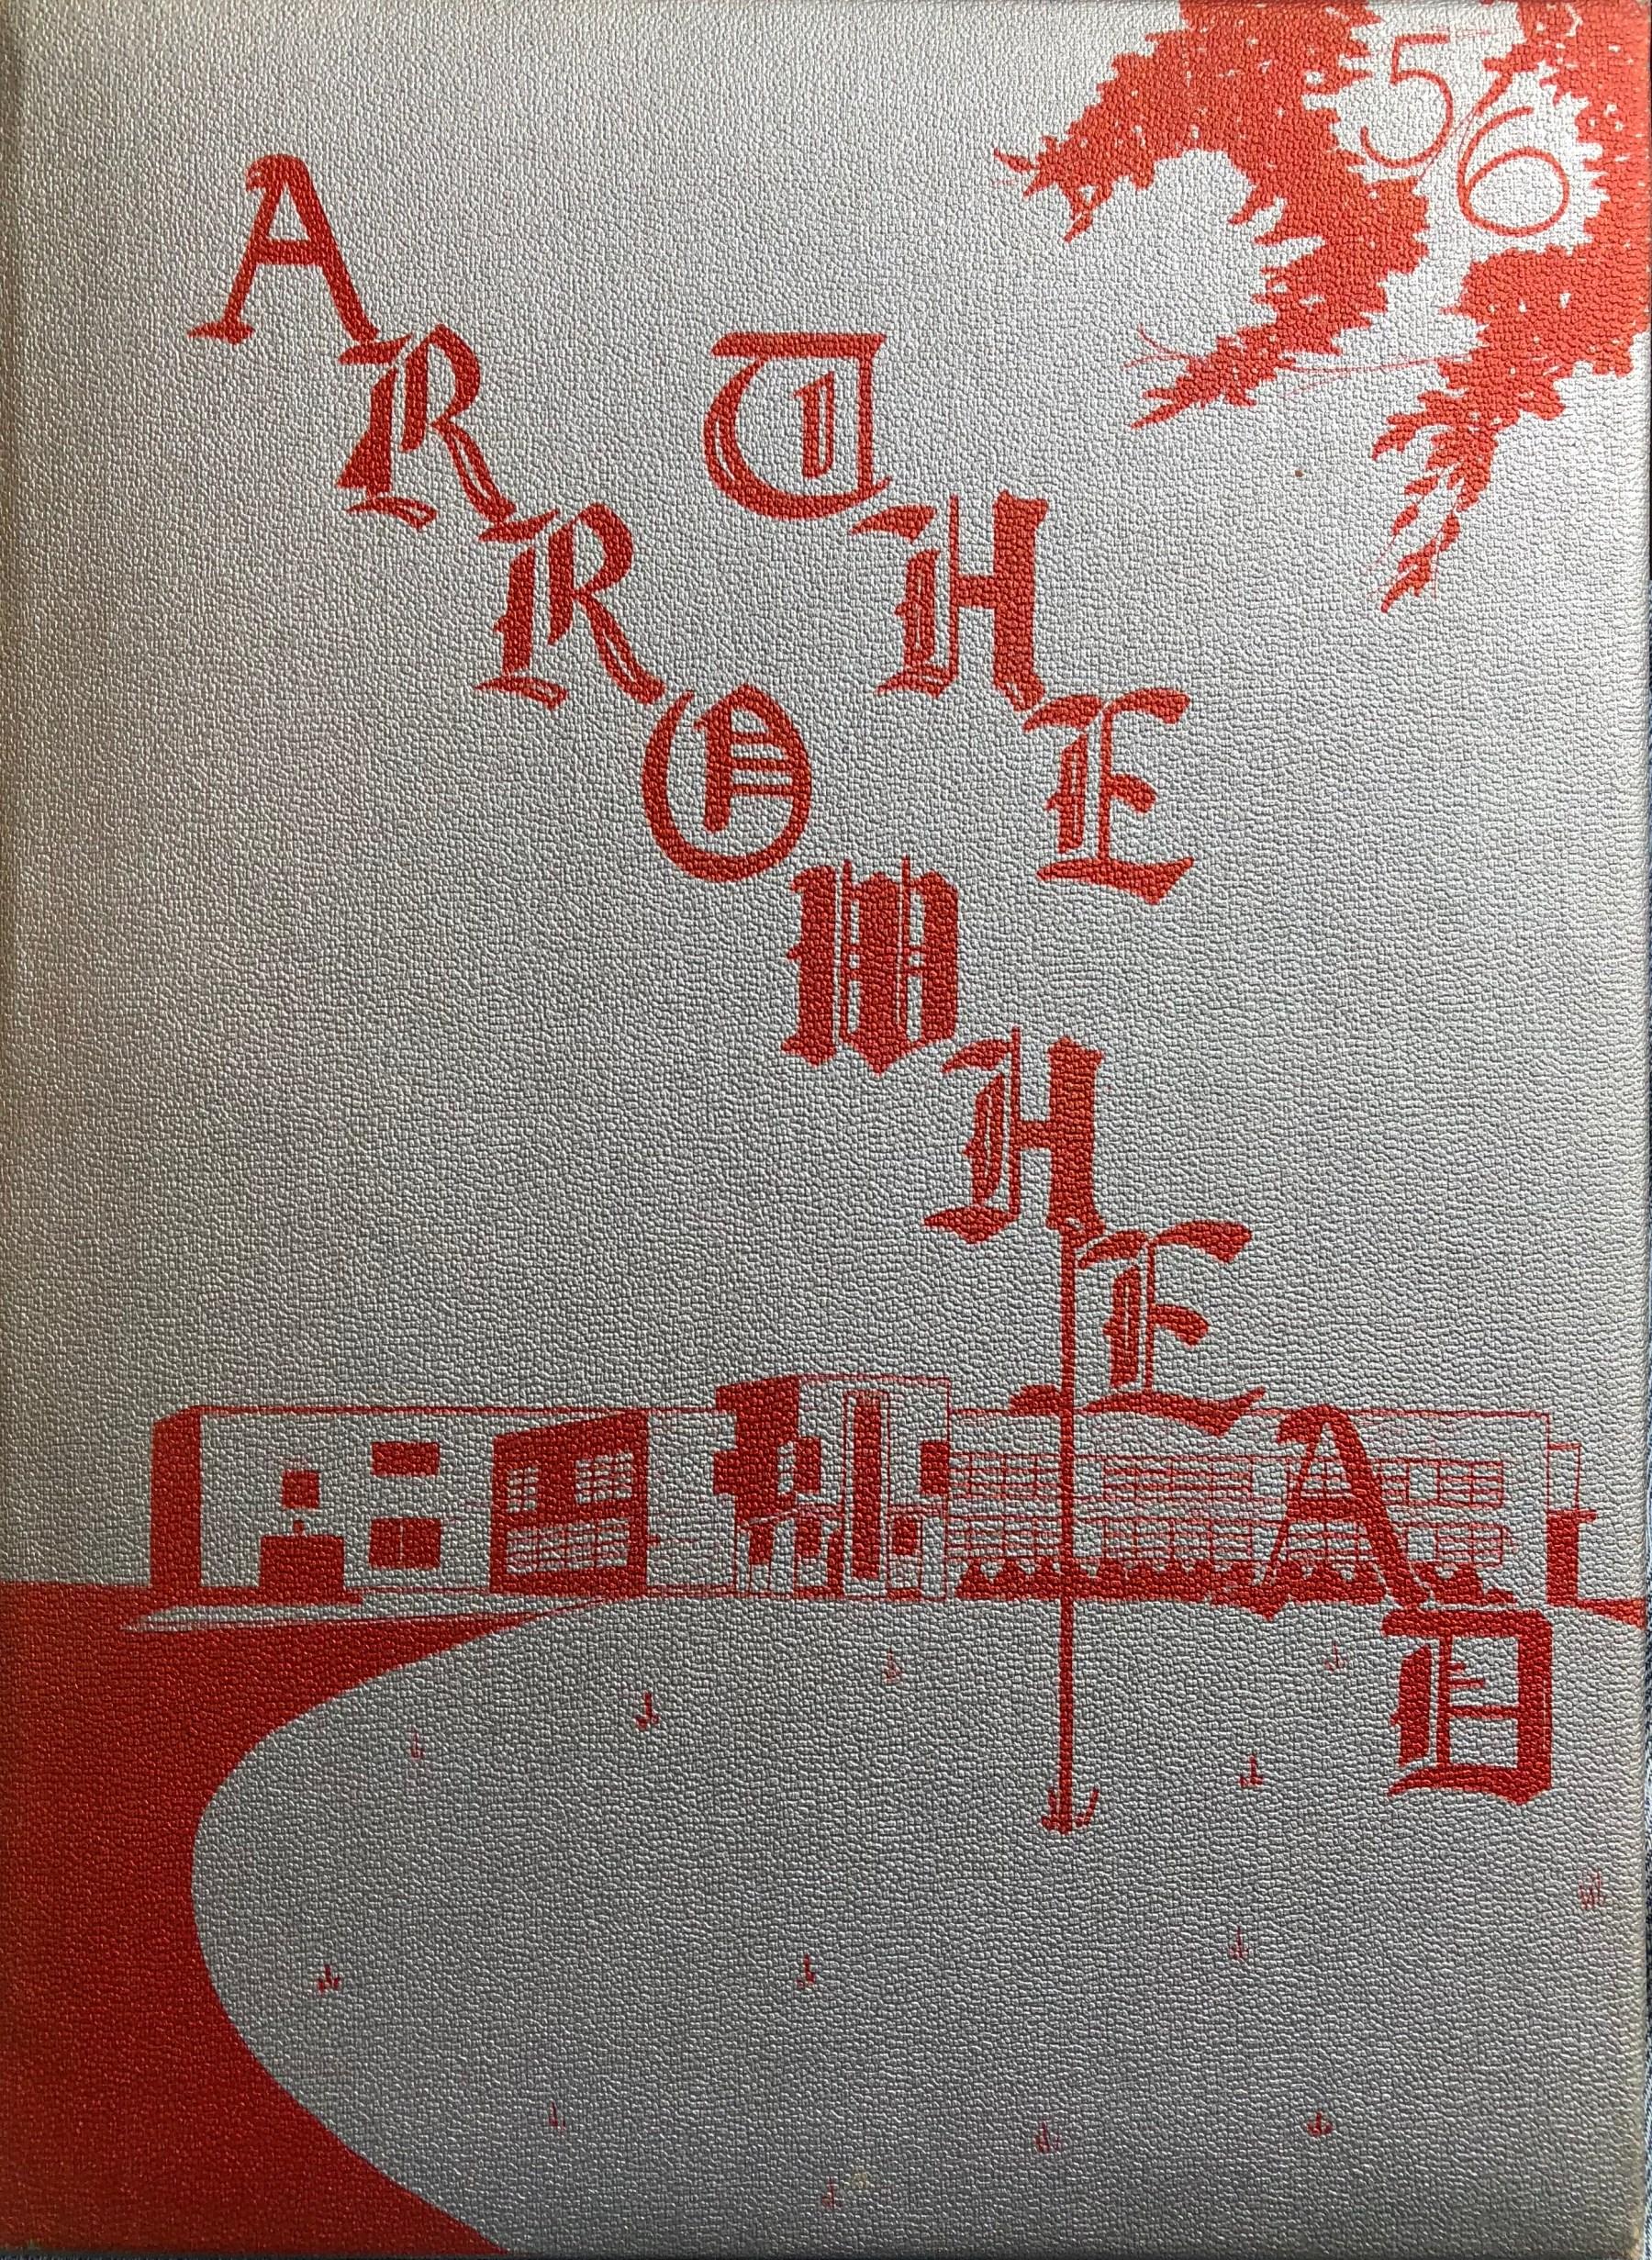 Burlington High School yearbook cover 1956